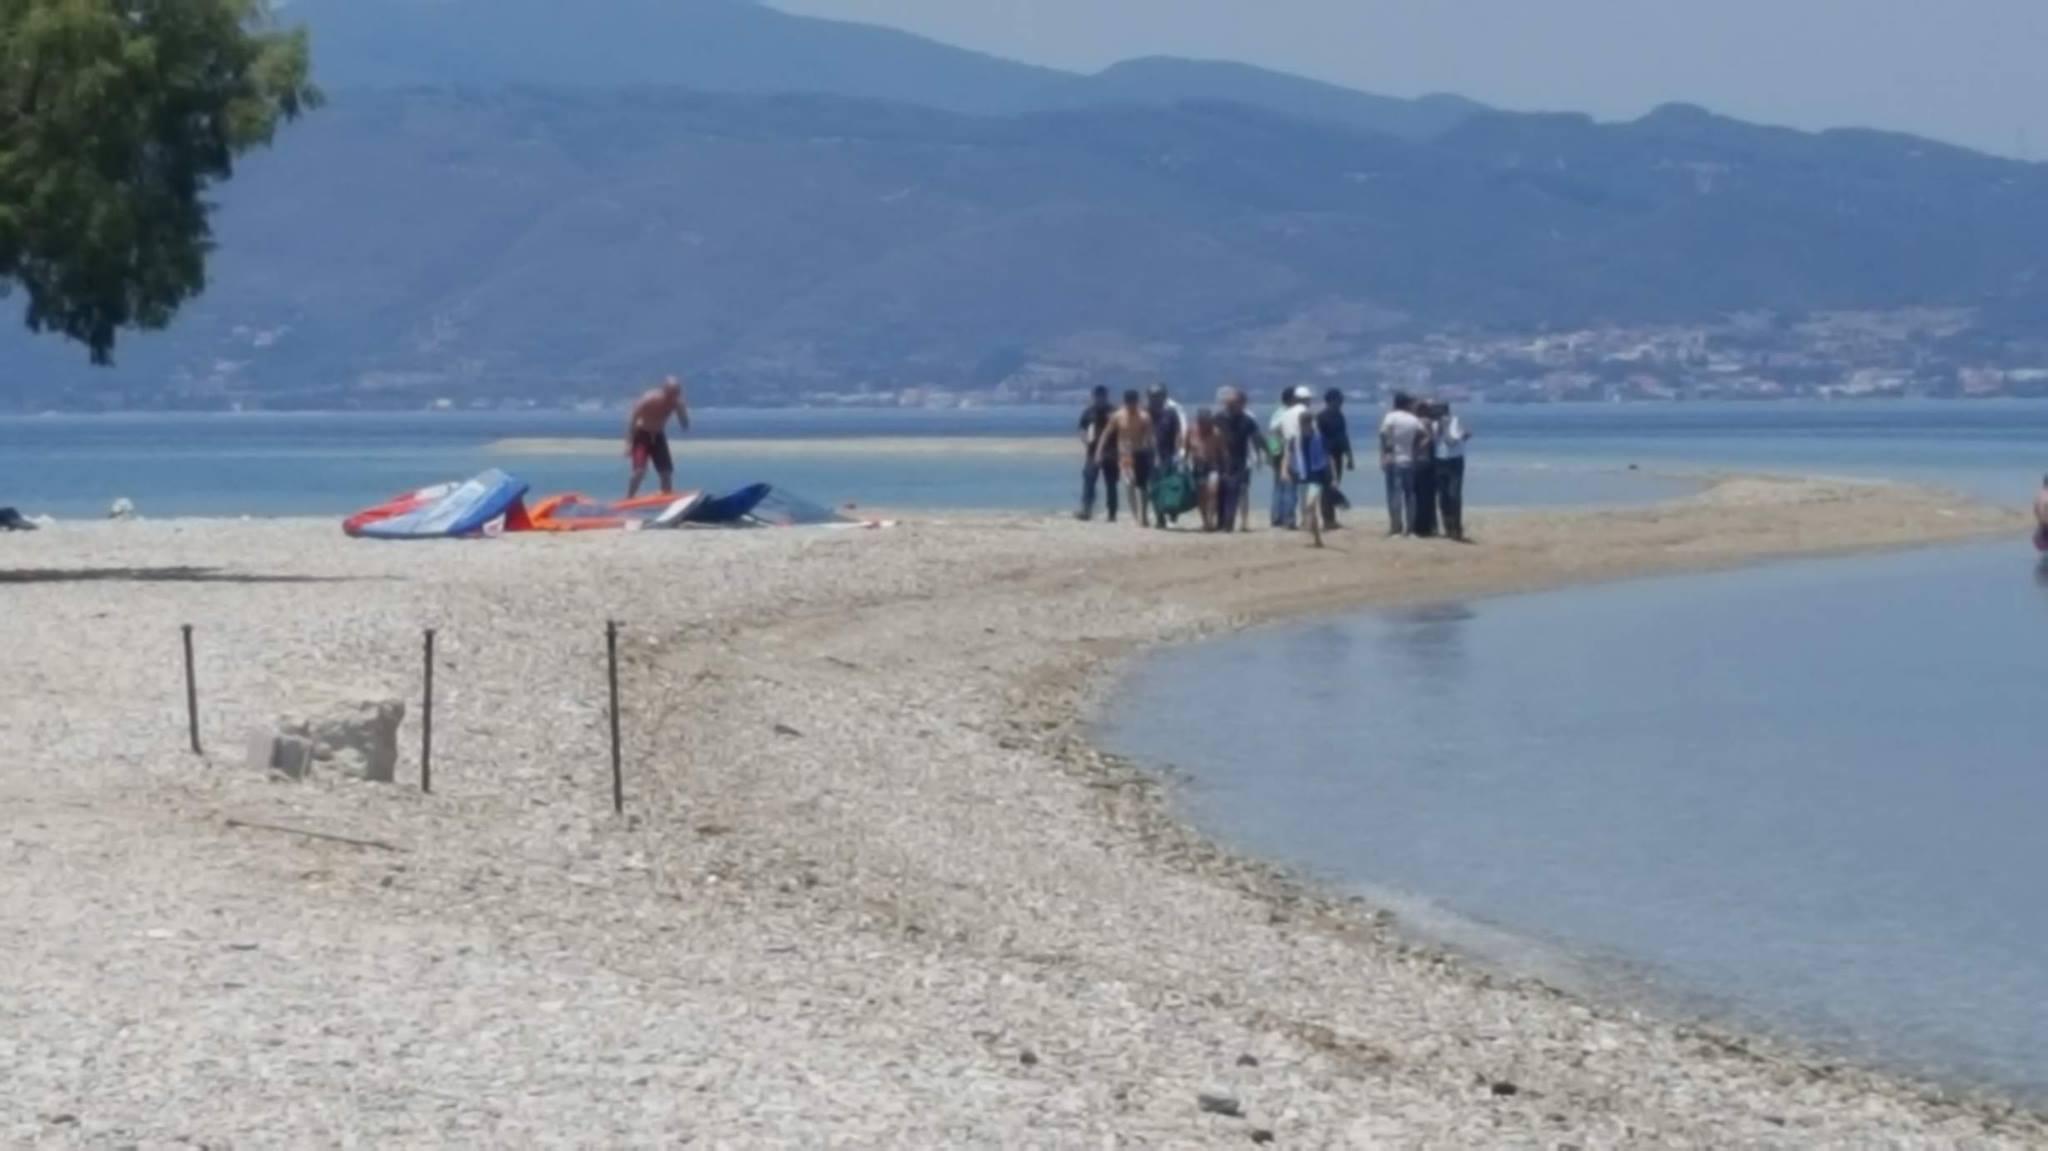 Σοκαρισμένη η Πάτρα: Τρεις πνιγμοί σε παραλίες – 4 θάνατοι μέσα σε 24 ώρες